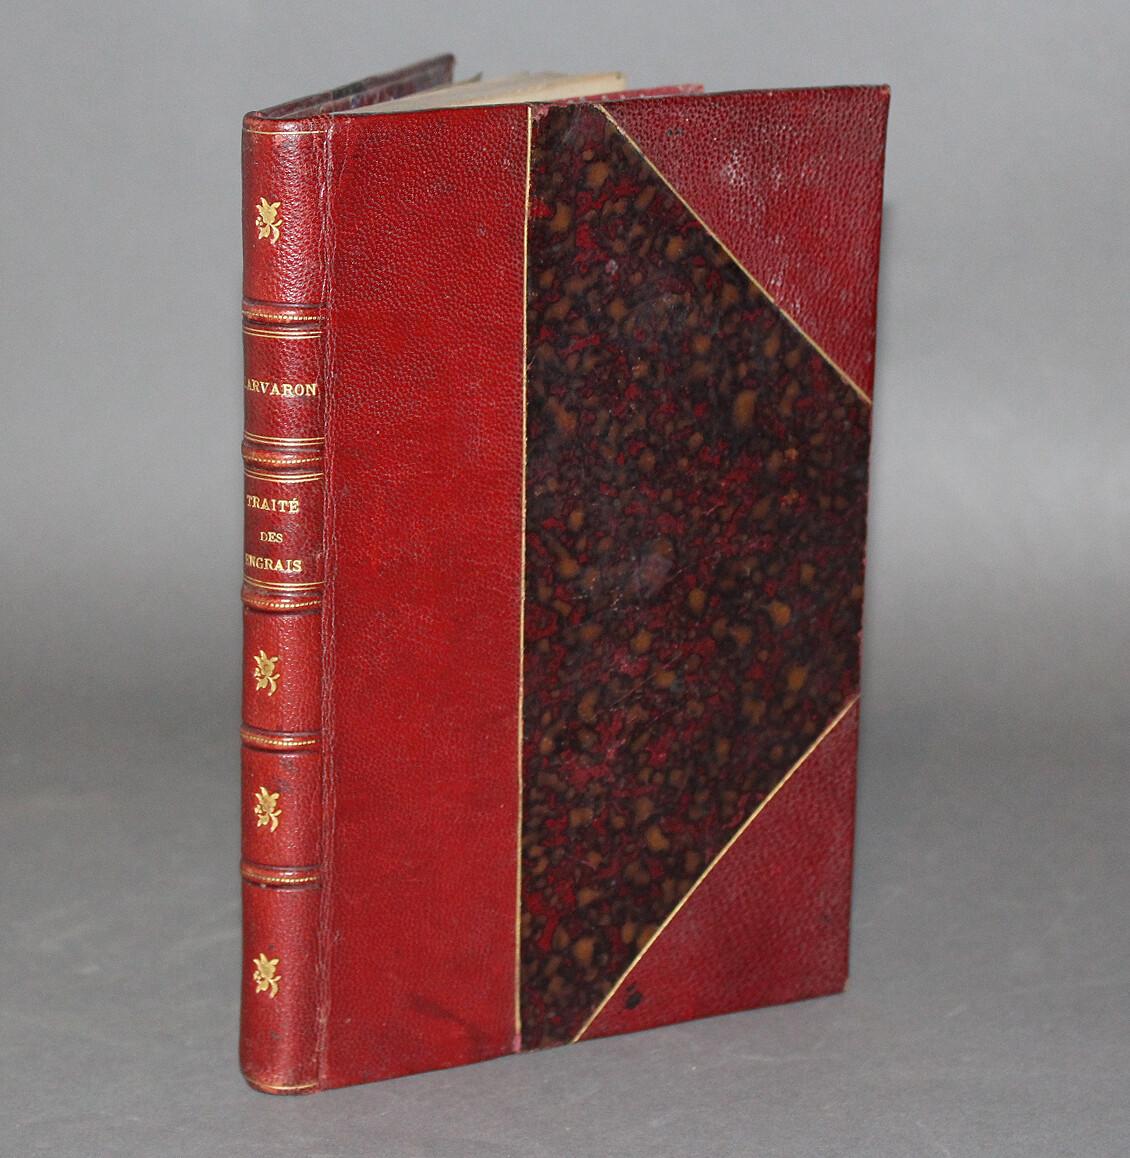 LARVARON.- Traité théorique et pratique des engrais, 1897.